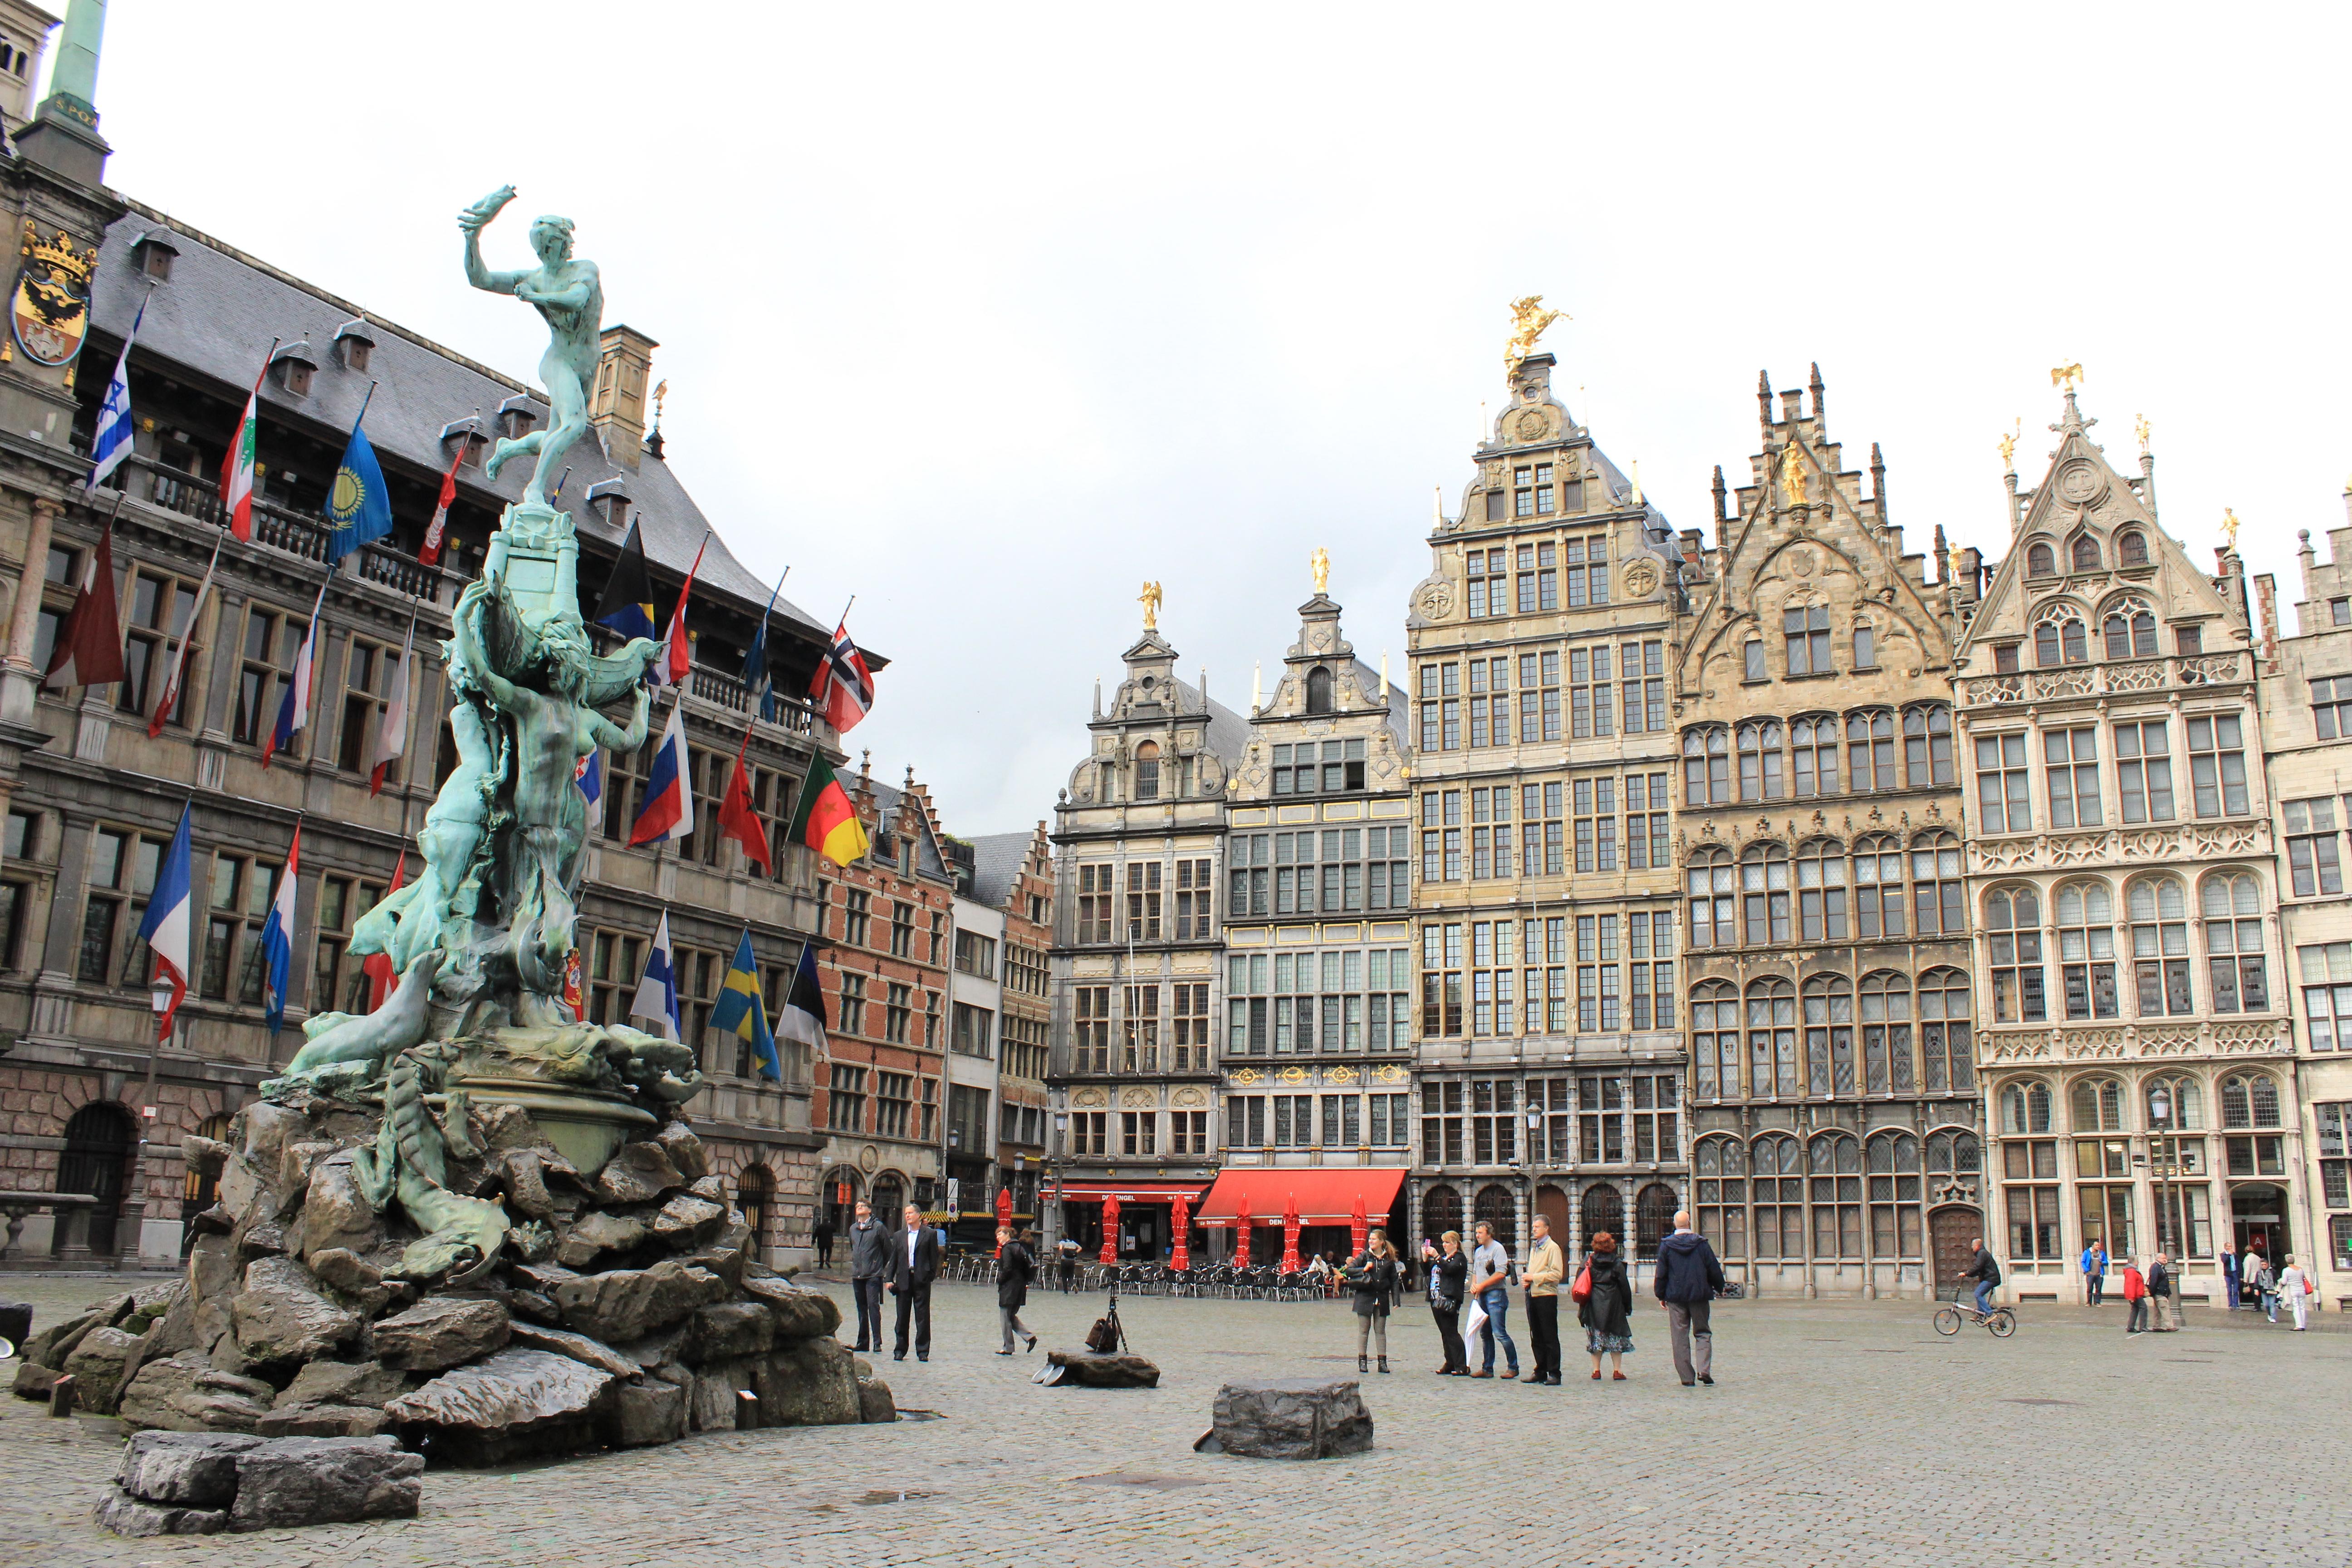 Antwerpen – eine alte Hafenstadt mit ganz viel Charme